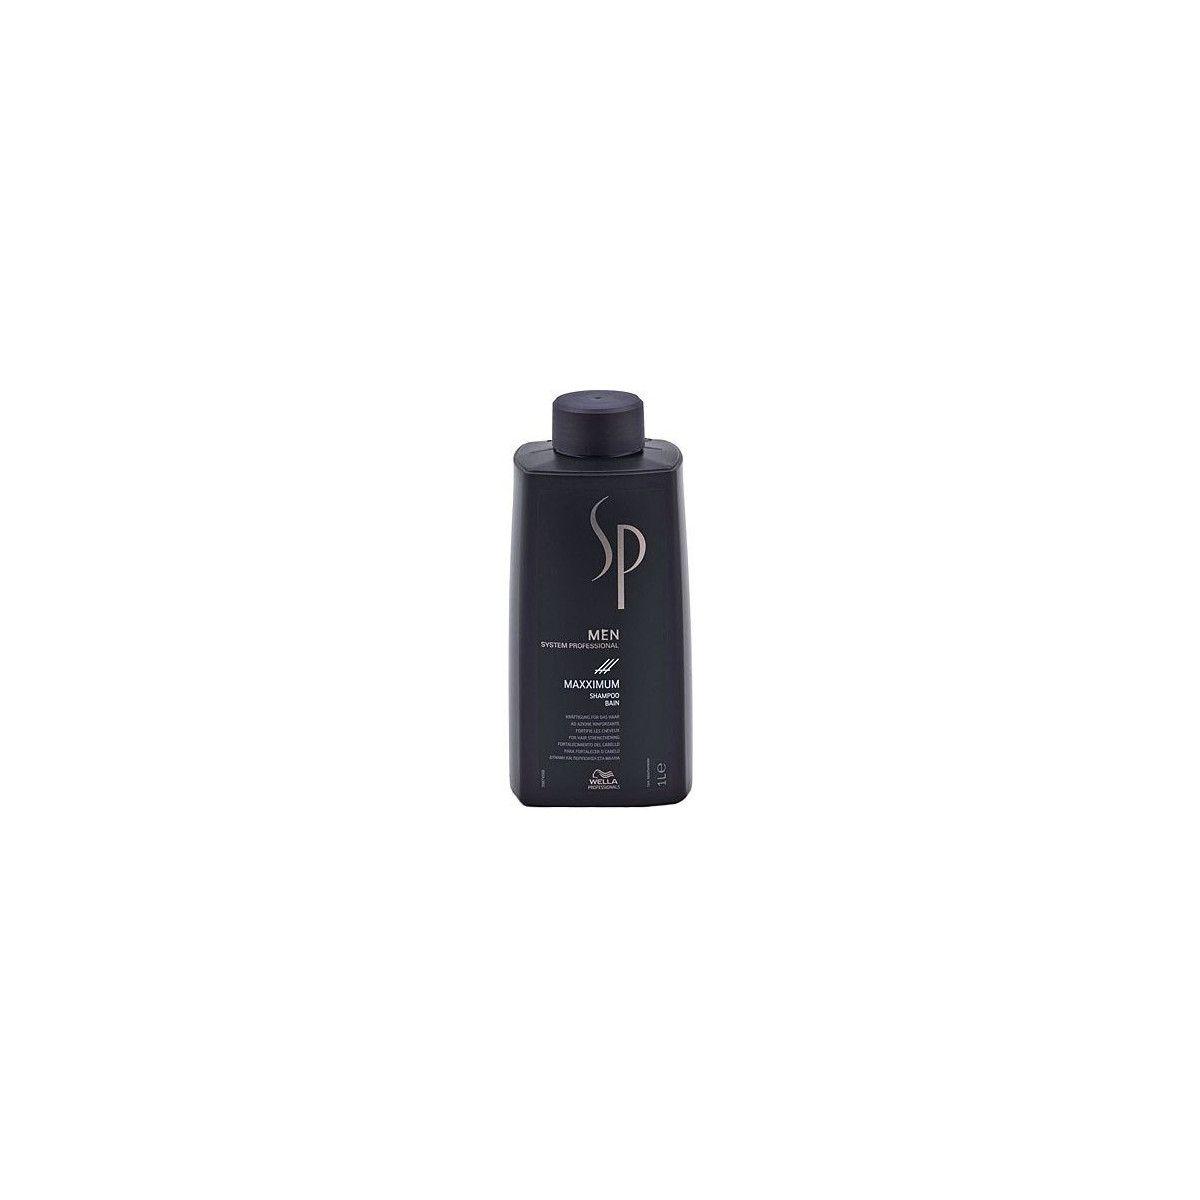 WELLA SP MEN MAXXIMUM, Szampon wzmacnia odporność włosów 1000ml